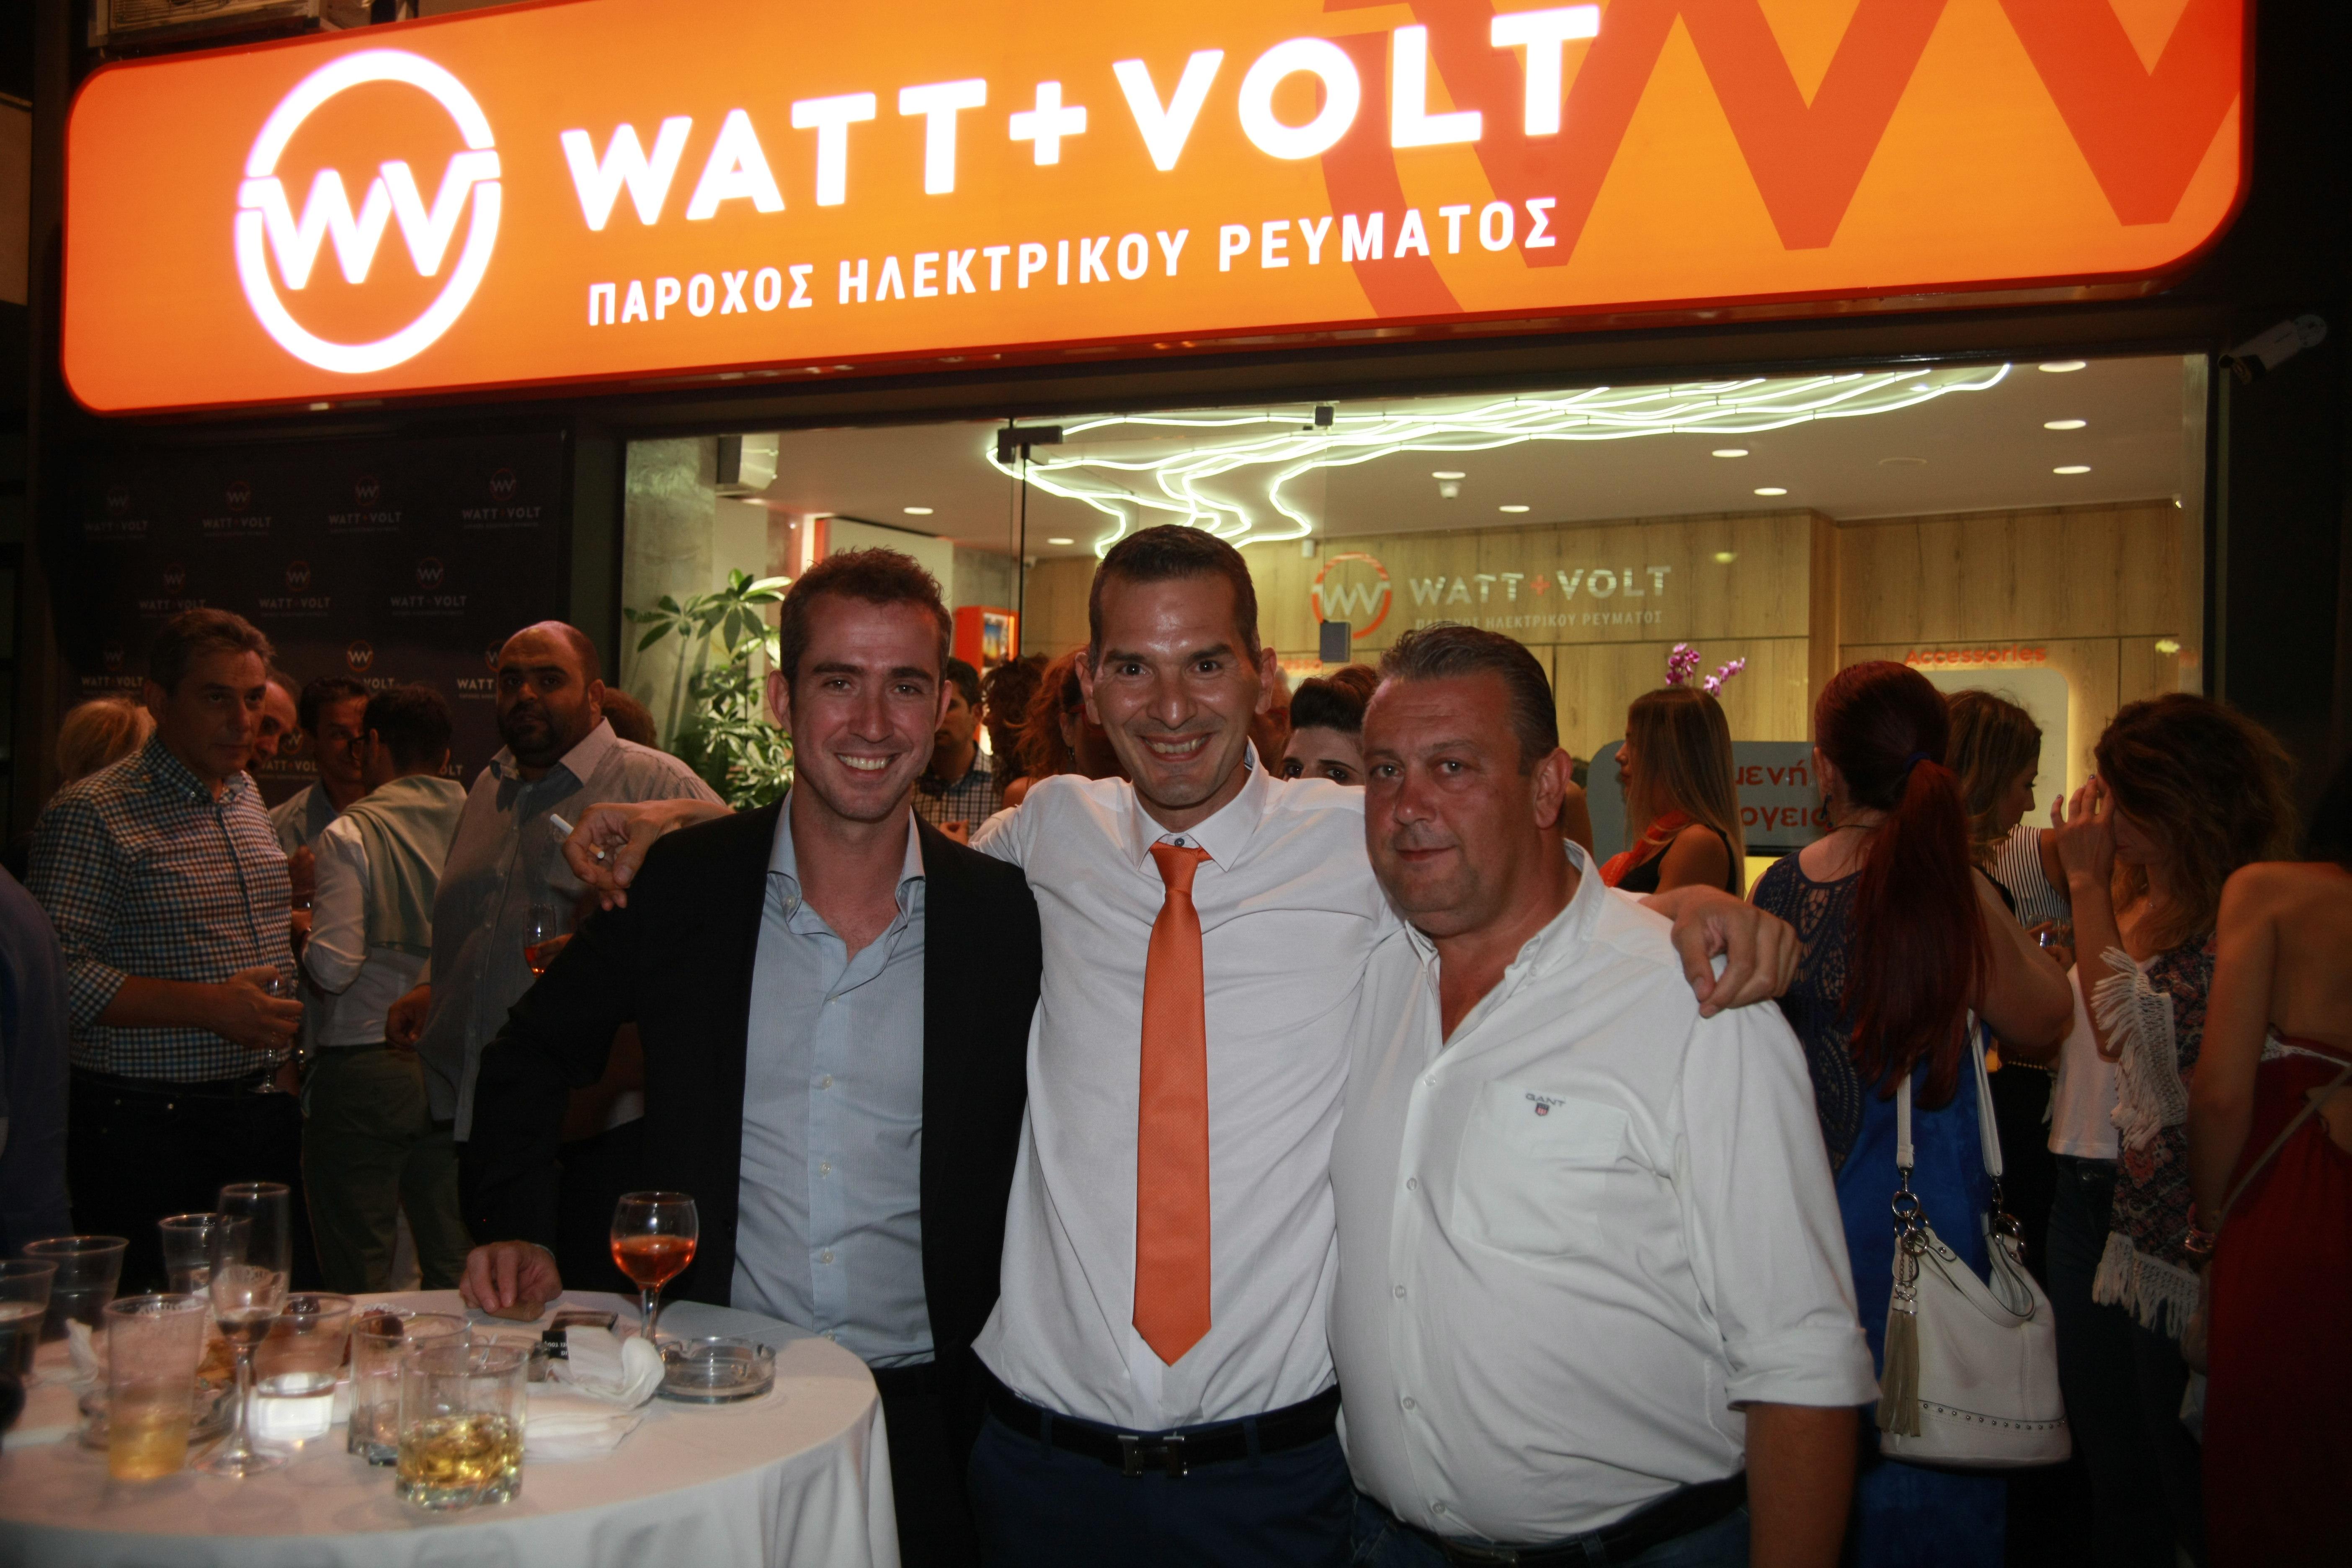 IMGL0592 - Εγκαινιάστηκε το κατάστημα της watt & Volt στη Λάρισα